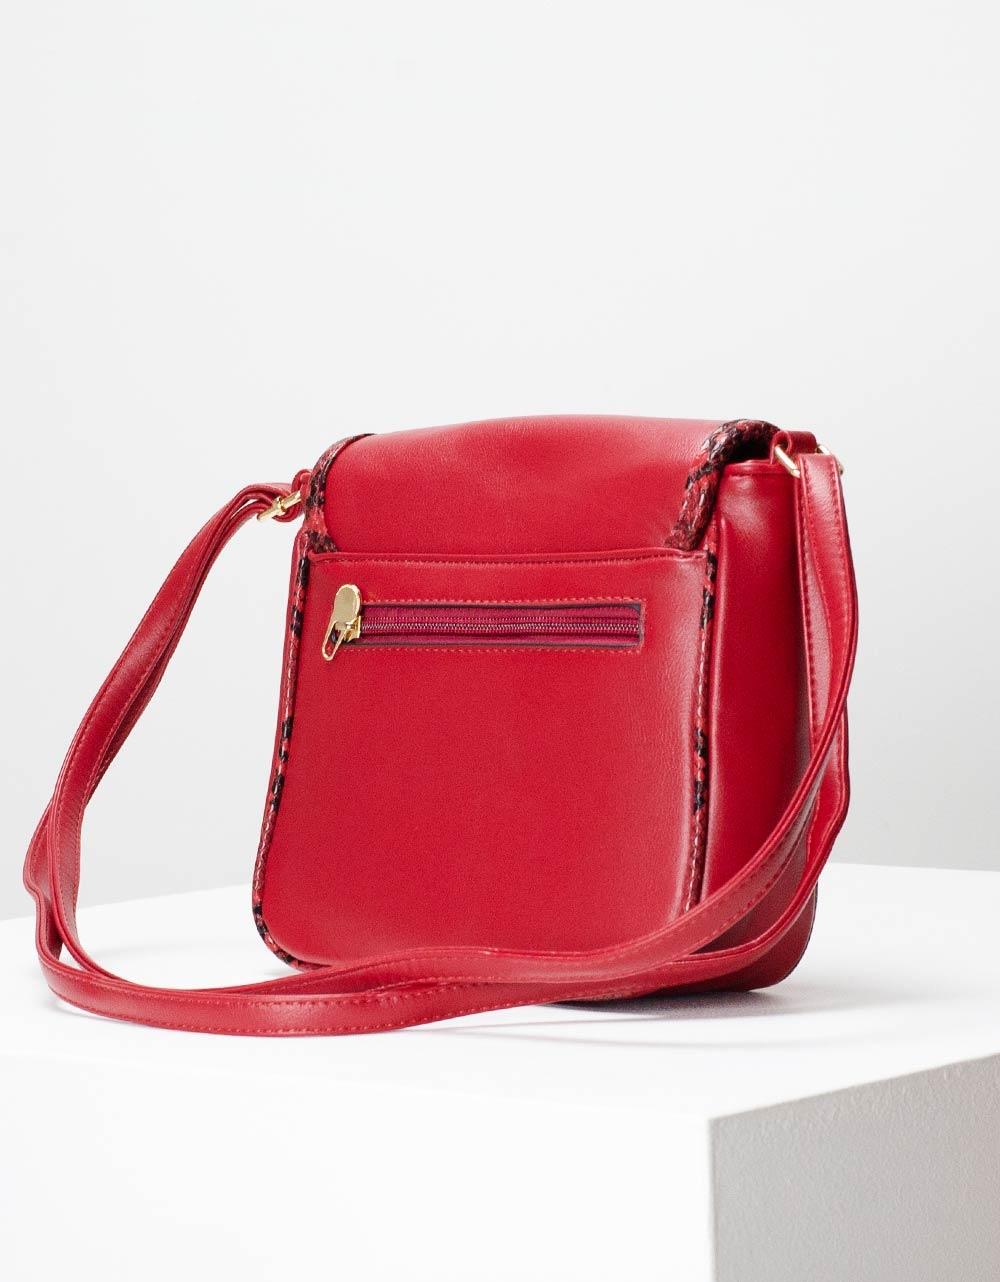 Εικόνα από Γυναικεία τσάντα ώμου με λεπτομέρειες κροκό Κόκκινο